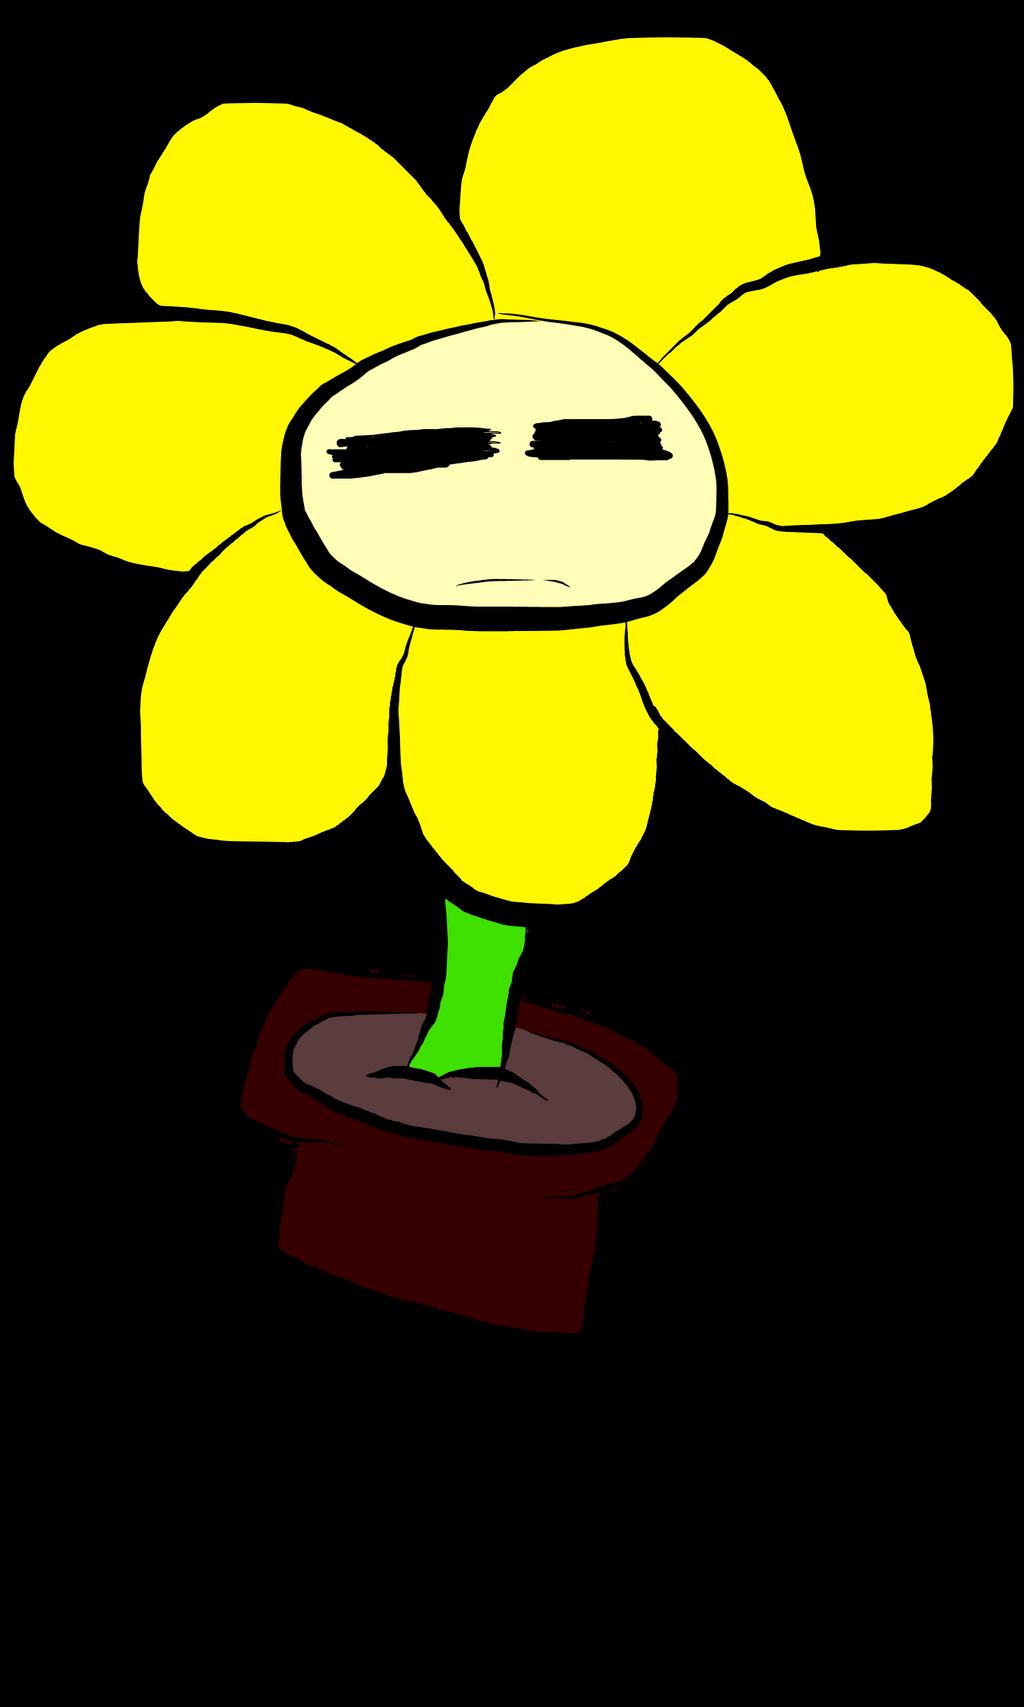 Ask Dare Flowey The Flower by Flowey The Flower on DeviantArt